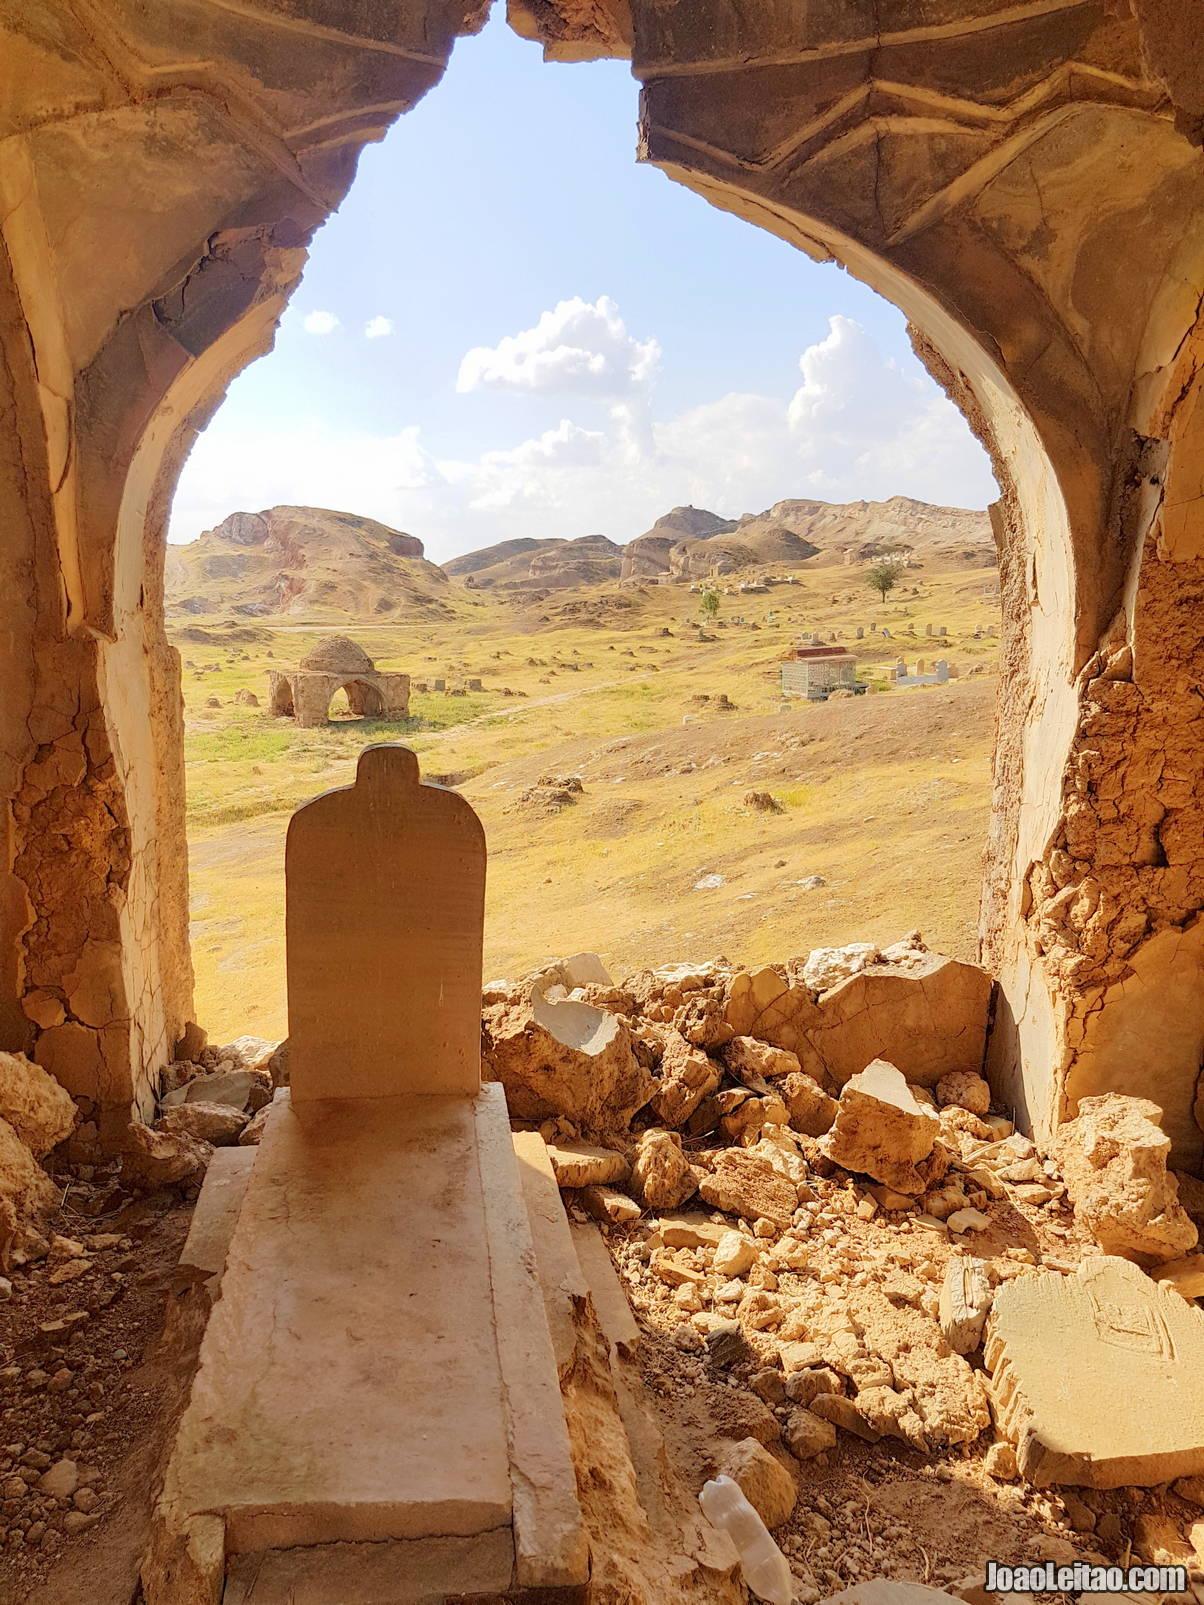 Visit Kifri in Iraqi Kurdistan